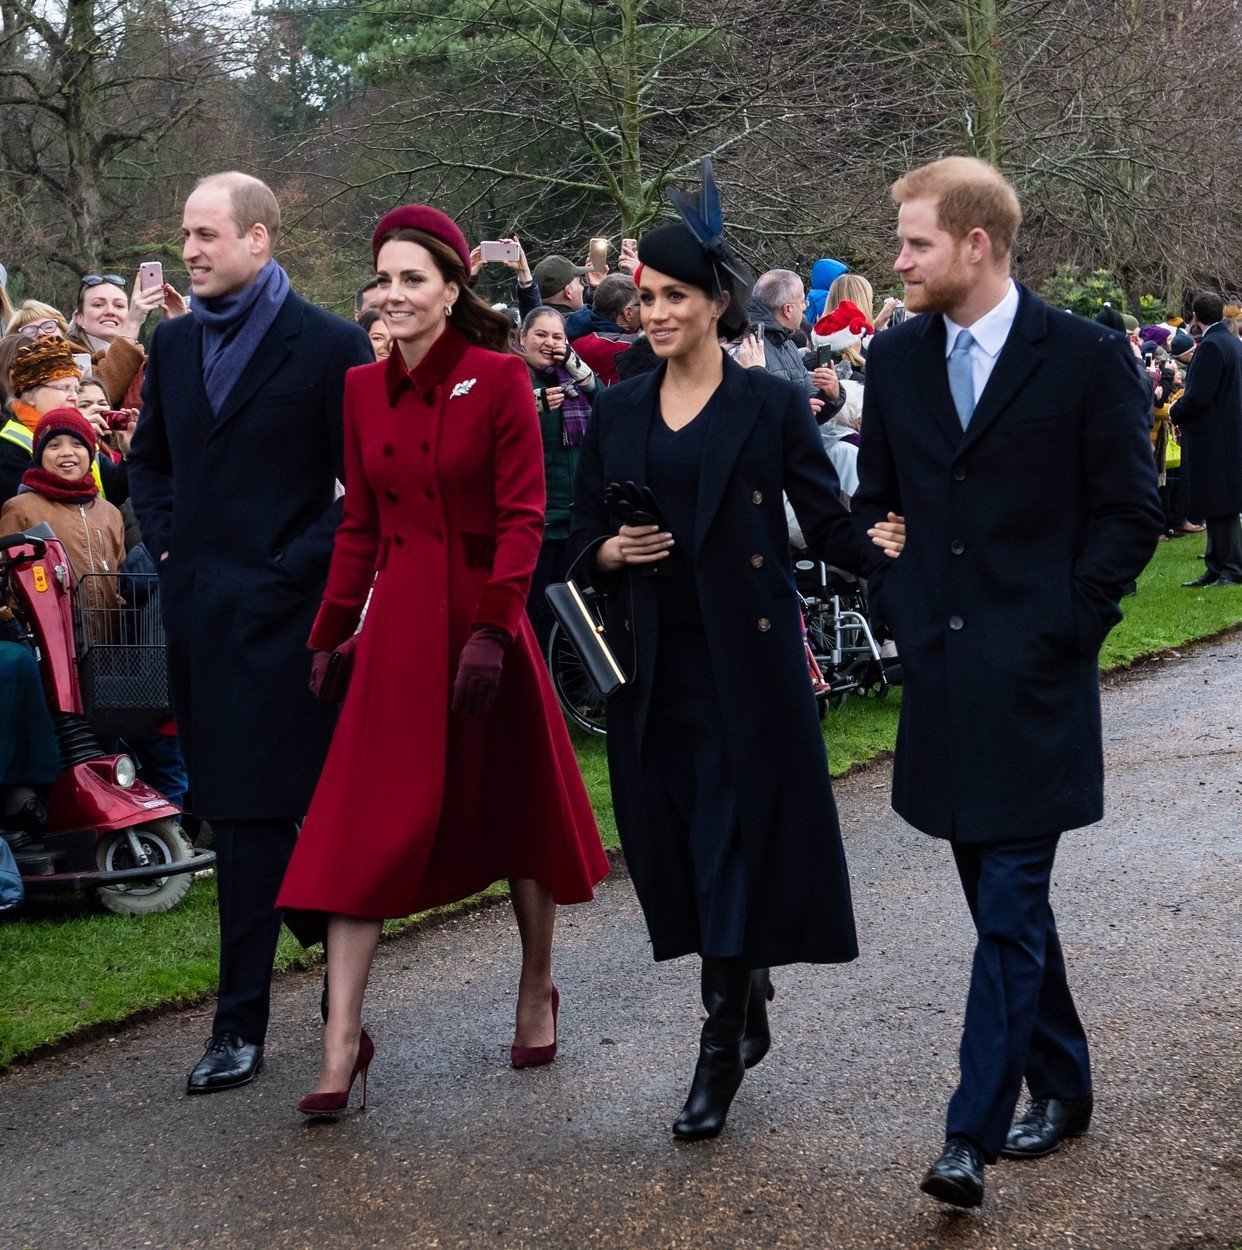 Válka vévodkyň graduje: Těhotná Meghan se pustila do Kate kvůli princezně Charlotte!